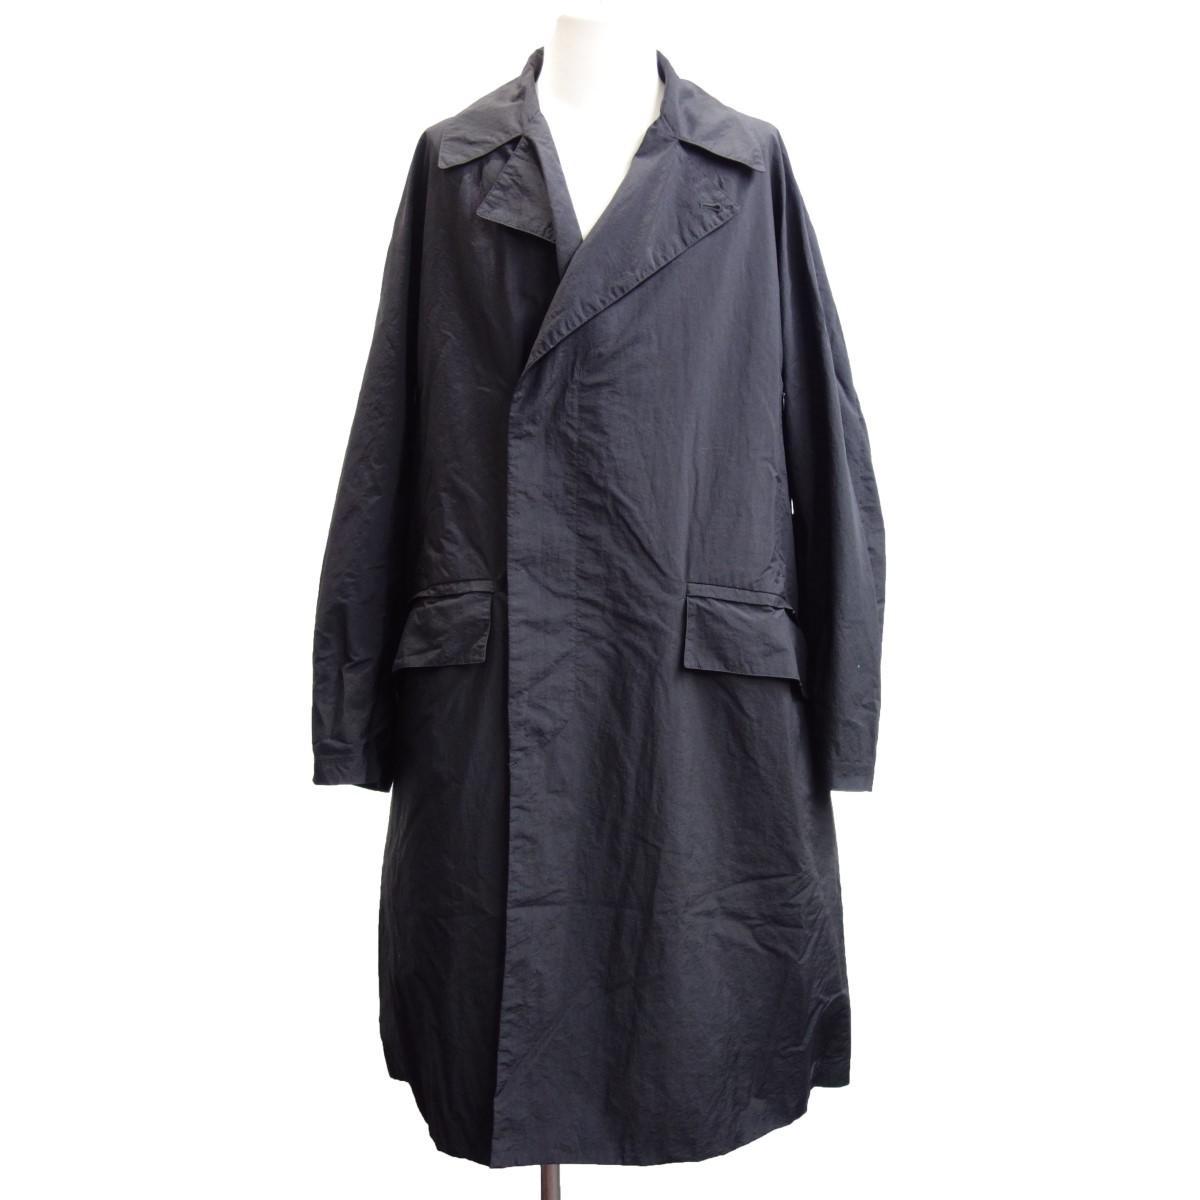 【中古】TEATORA 「Device Coat Packable」 デバイスコートパッカブル ブラック サイズ:2 【290420】(テアトラ)